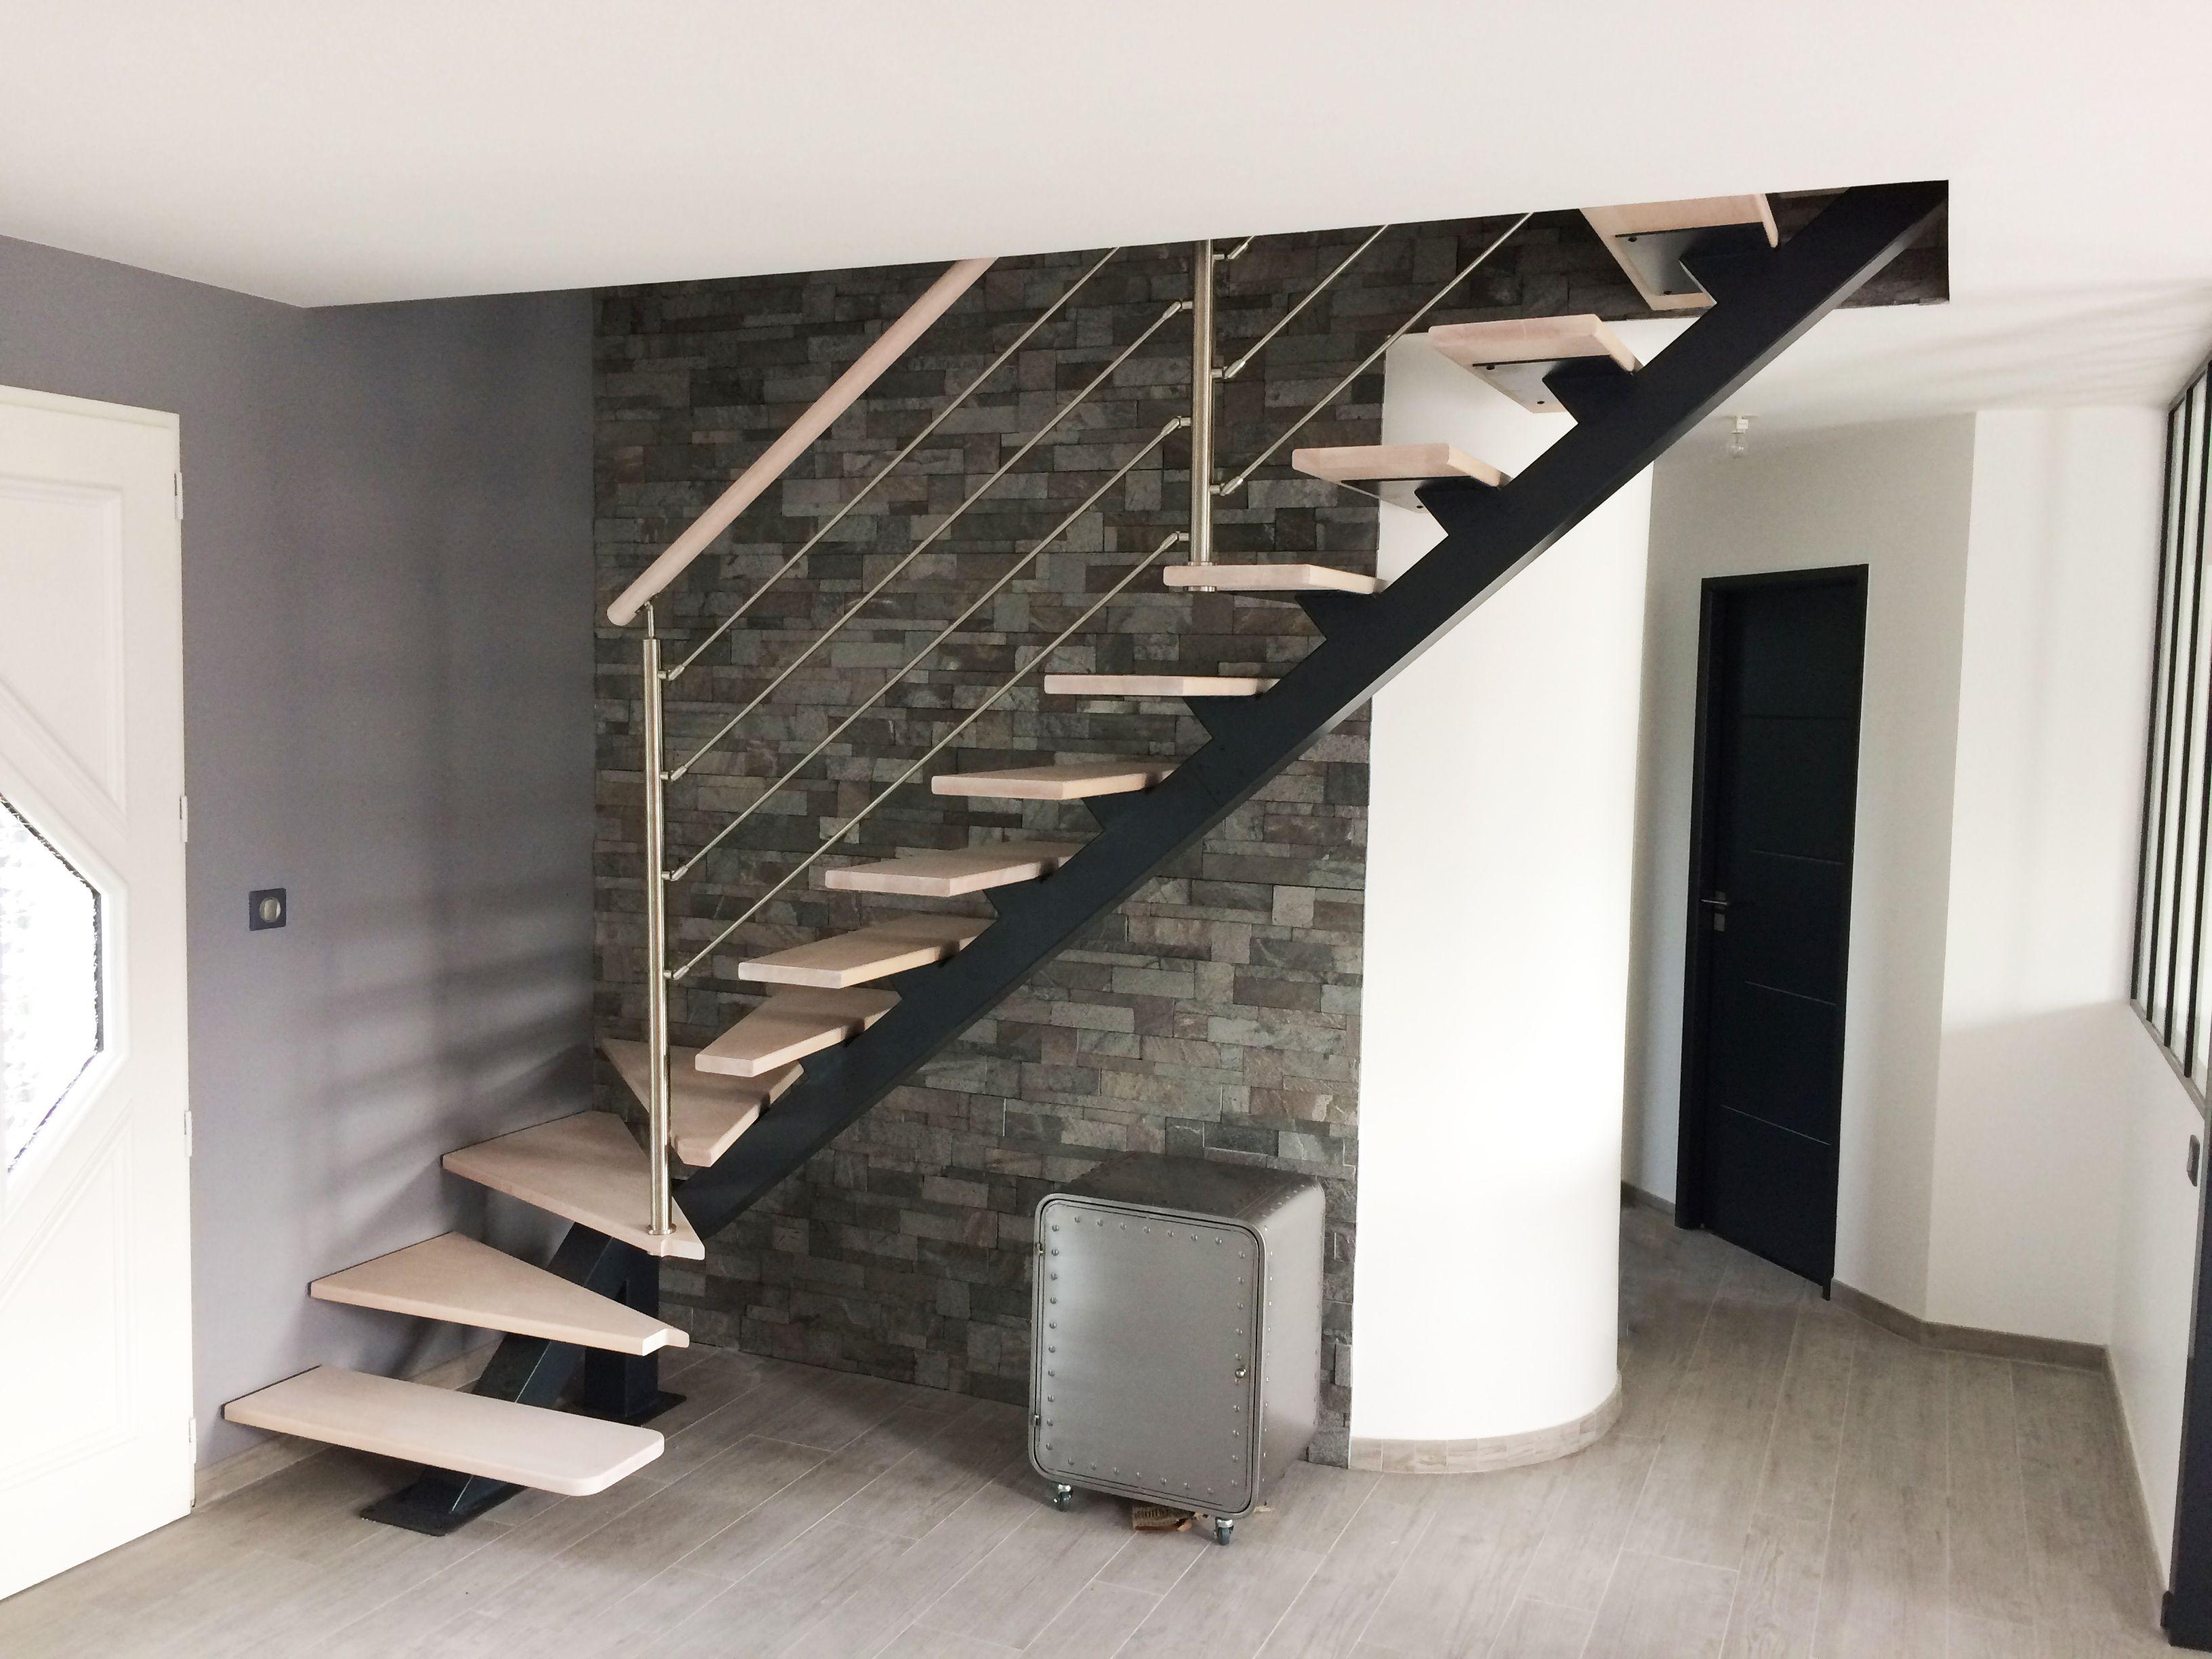 escalier m tallique et bois style industriel escalier quart tournant en m tal et marches en. Black Bedroom Furniture Sets. Home Design Ideas